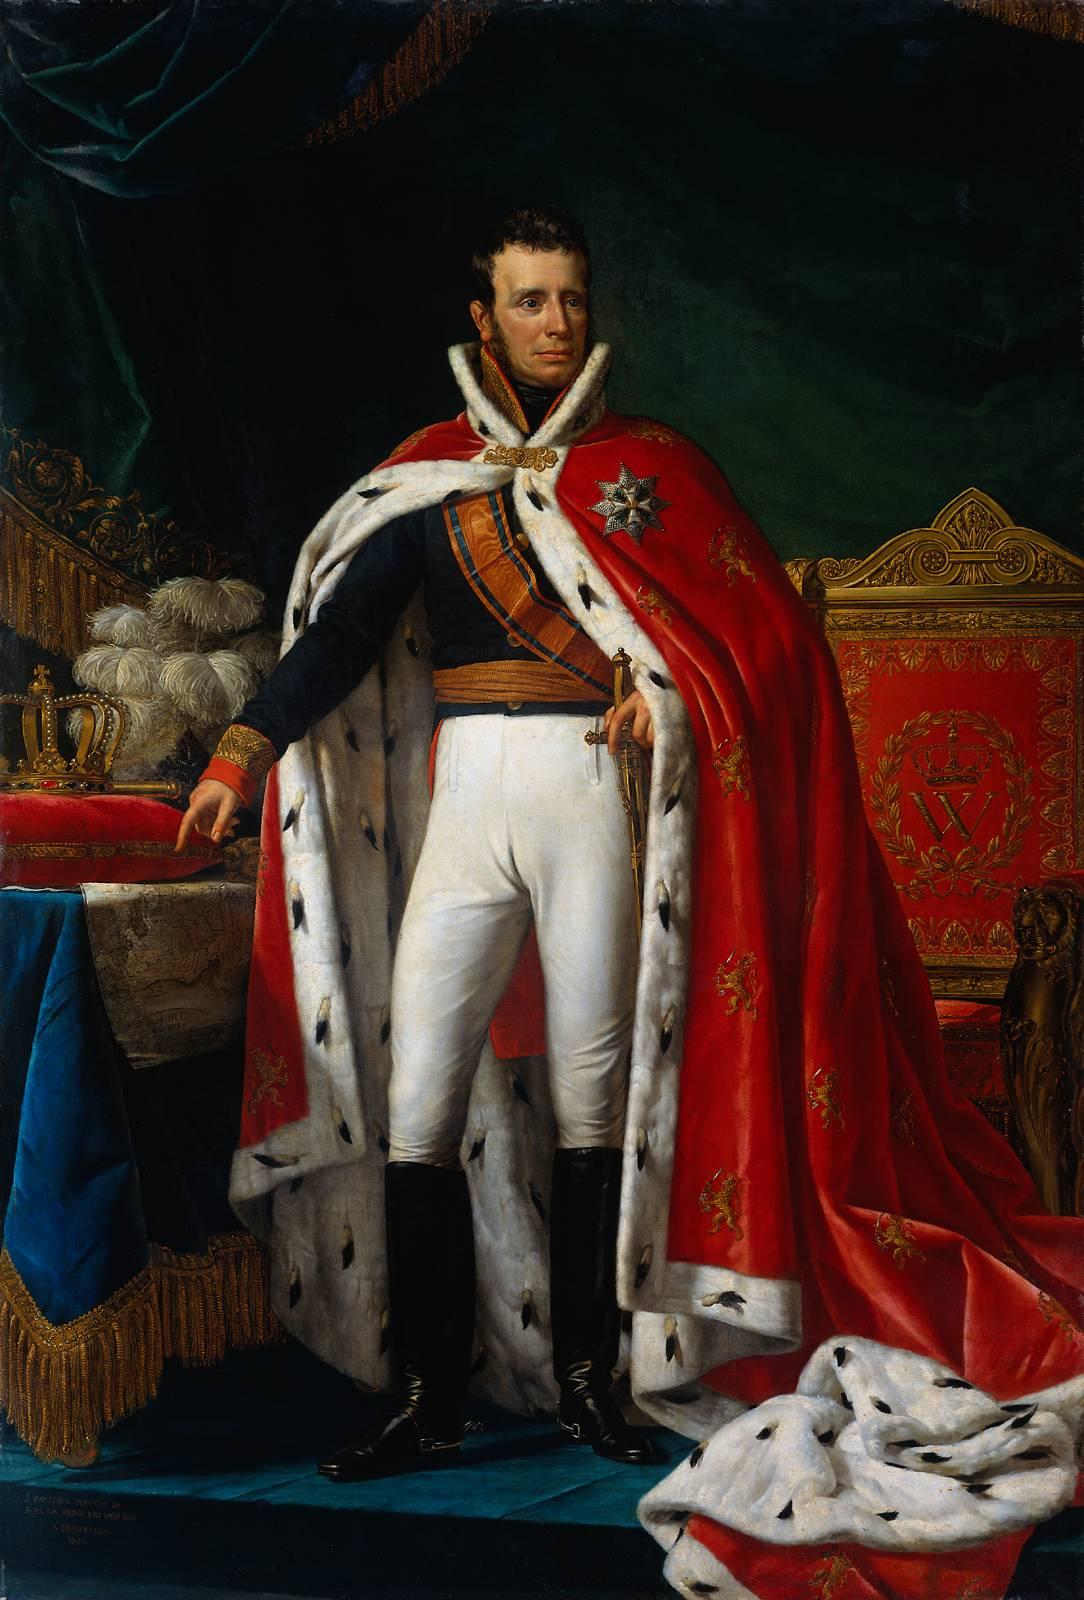 De 'kanalenkoning' was de bijnaam van Koning Willem I (Foto Wikipedia)